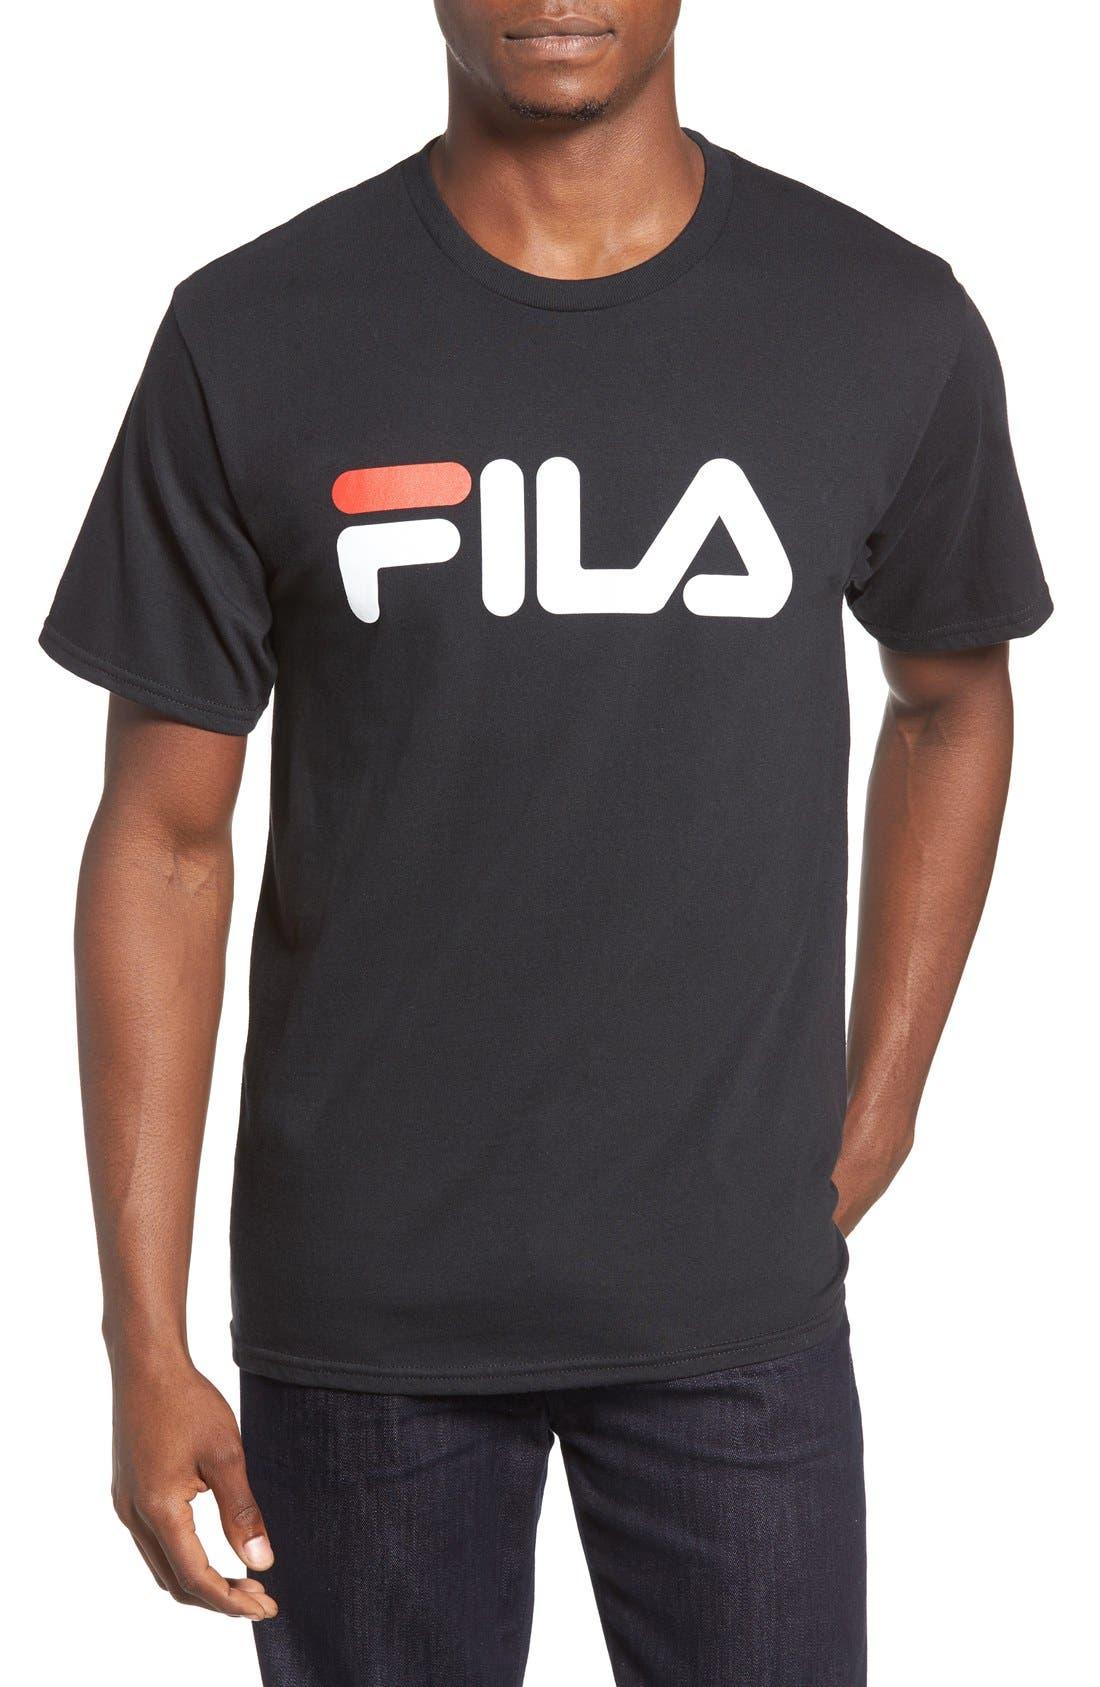 USA Graphic T-Shirt,                             Main thumbnail 1, color,                             Black